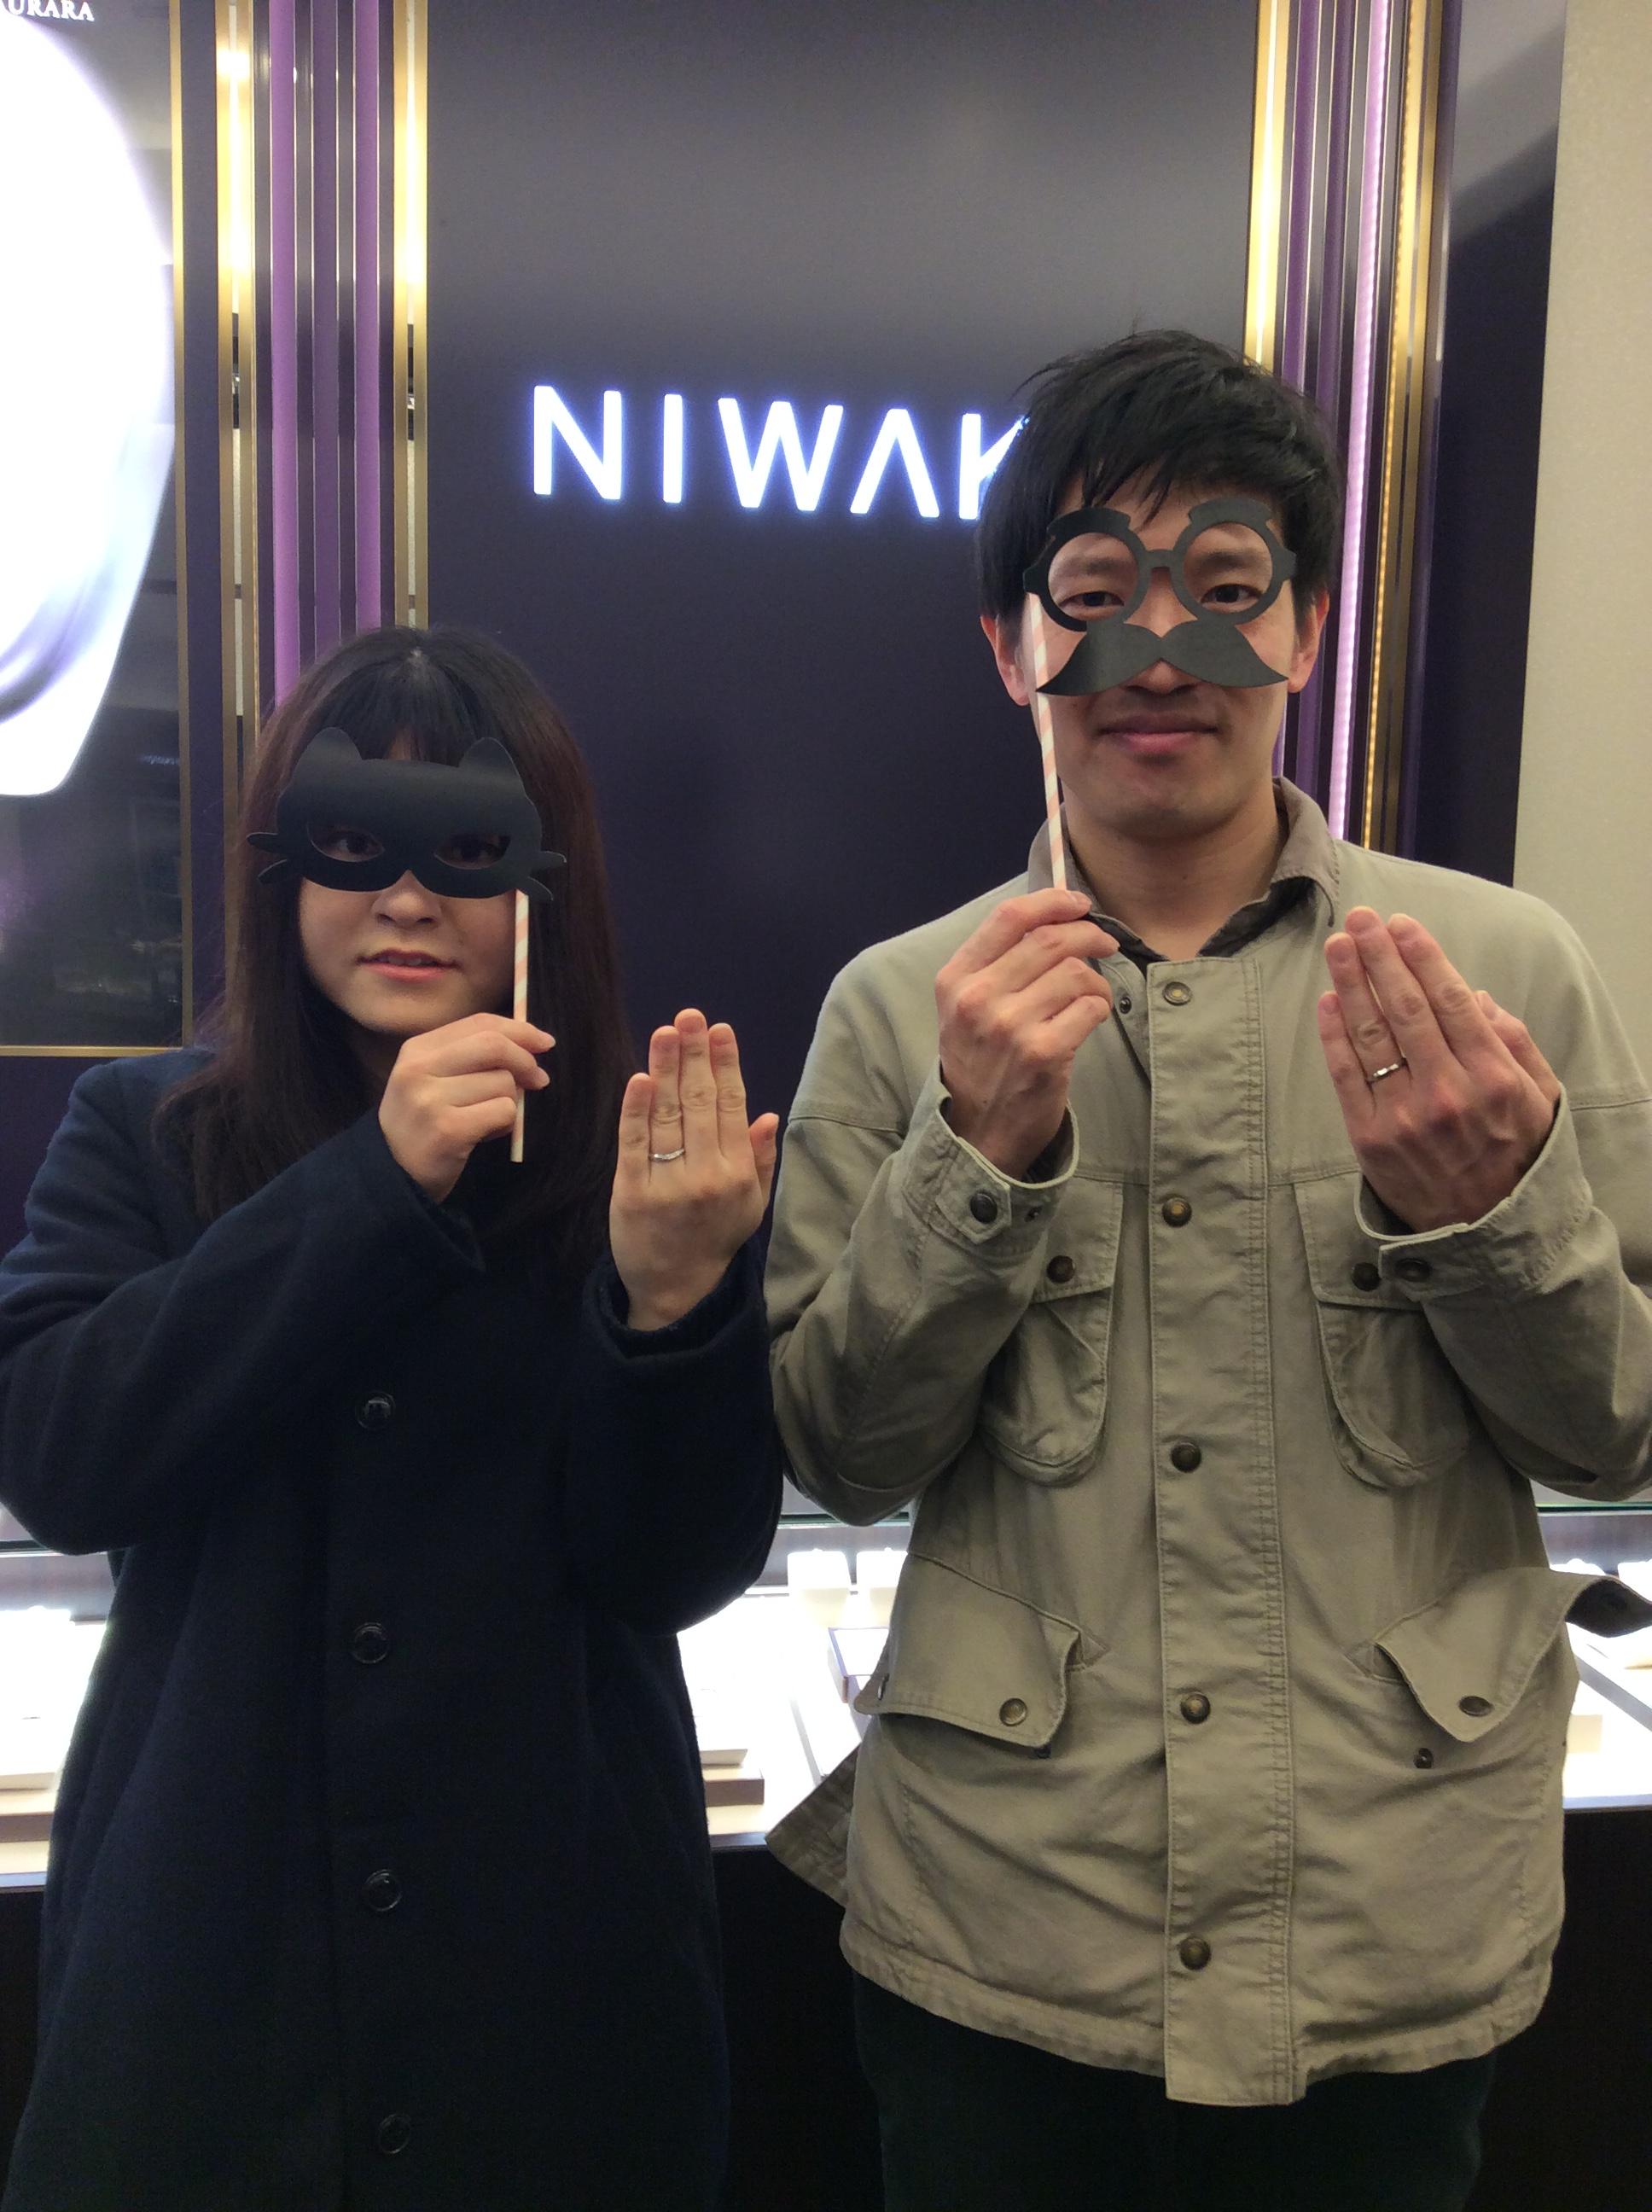 「綺羅(きら)」俄(にわか)の結婚指輪をご成約/新潟市Y様&M様